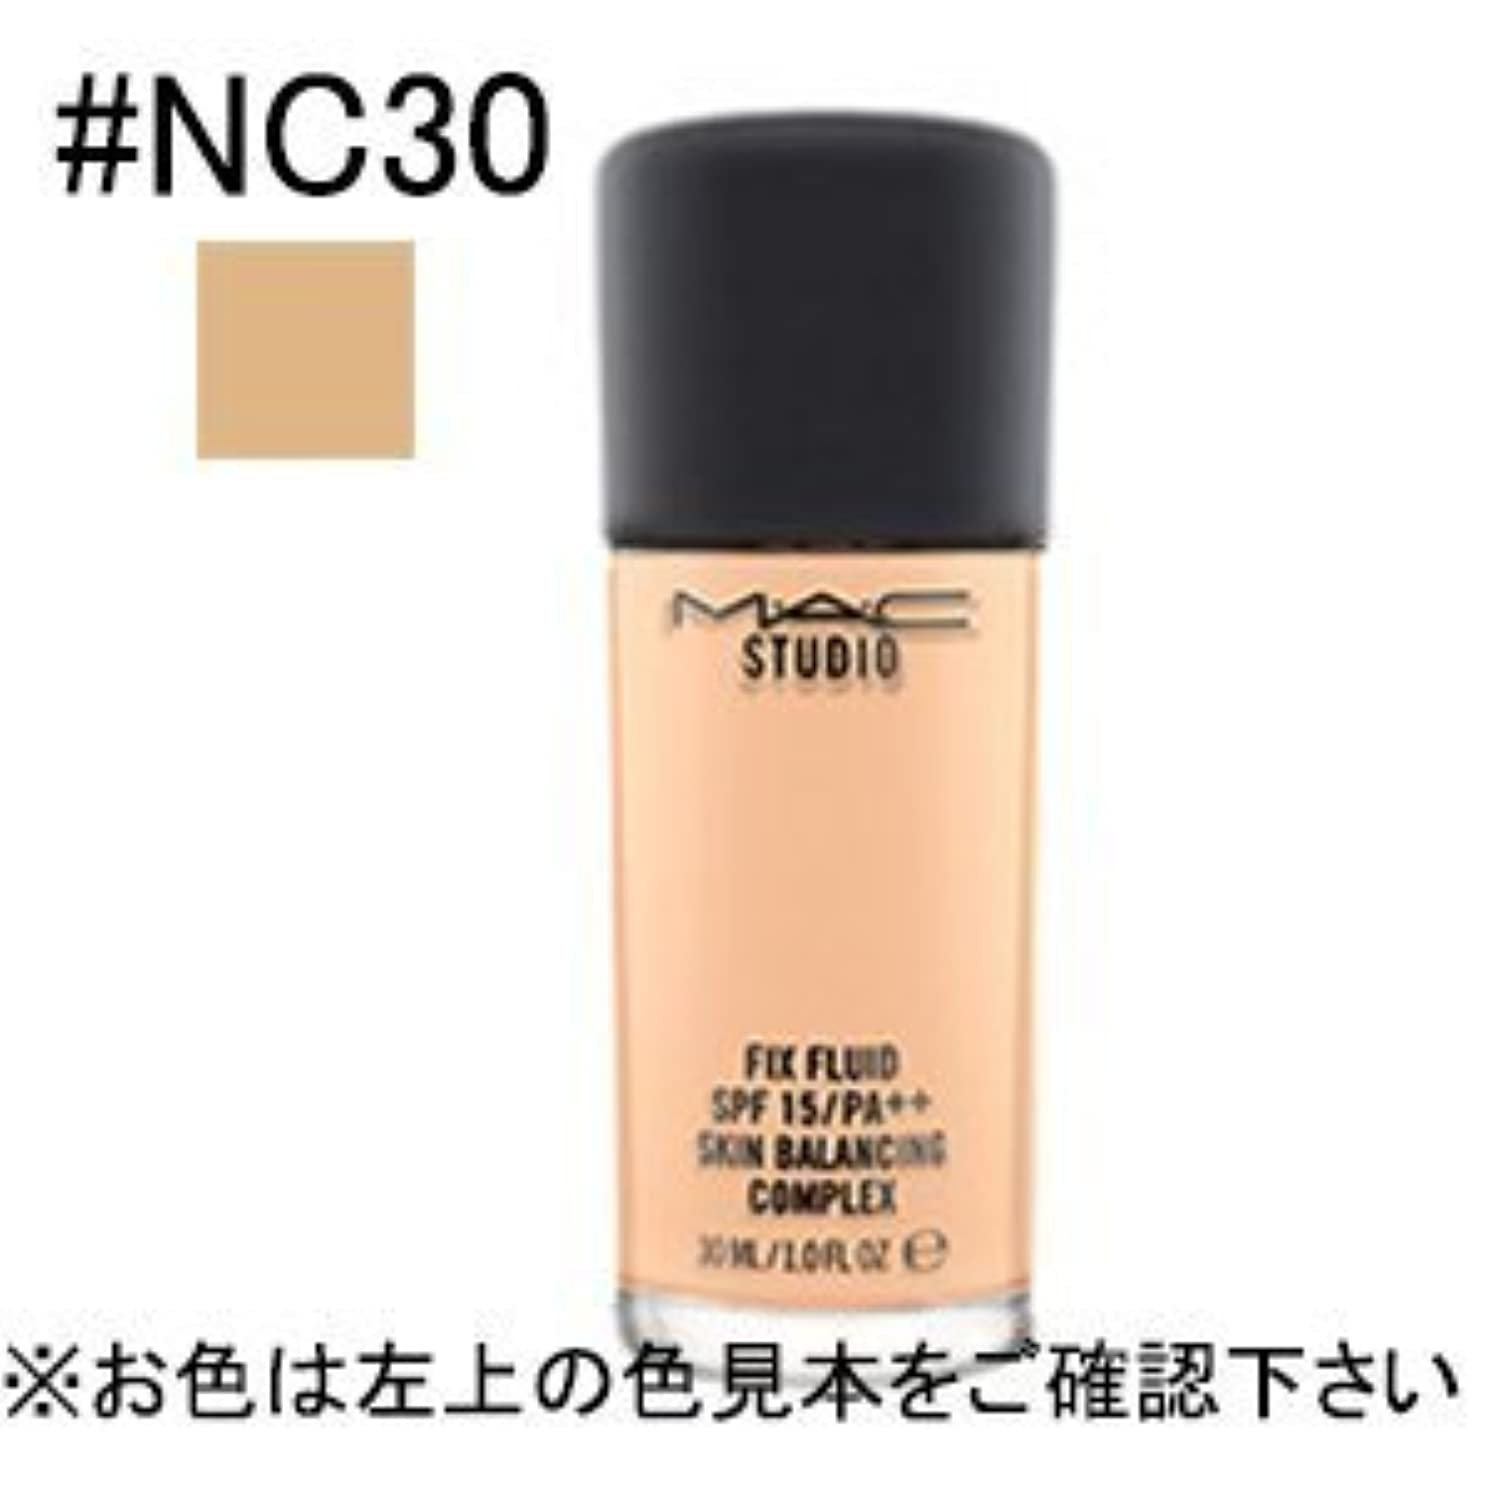 ペン行為魅了する【MAC リキッドファンデーション】スタジオ フィックス フルイッド #NC30